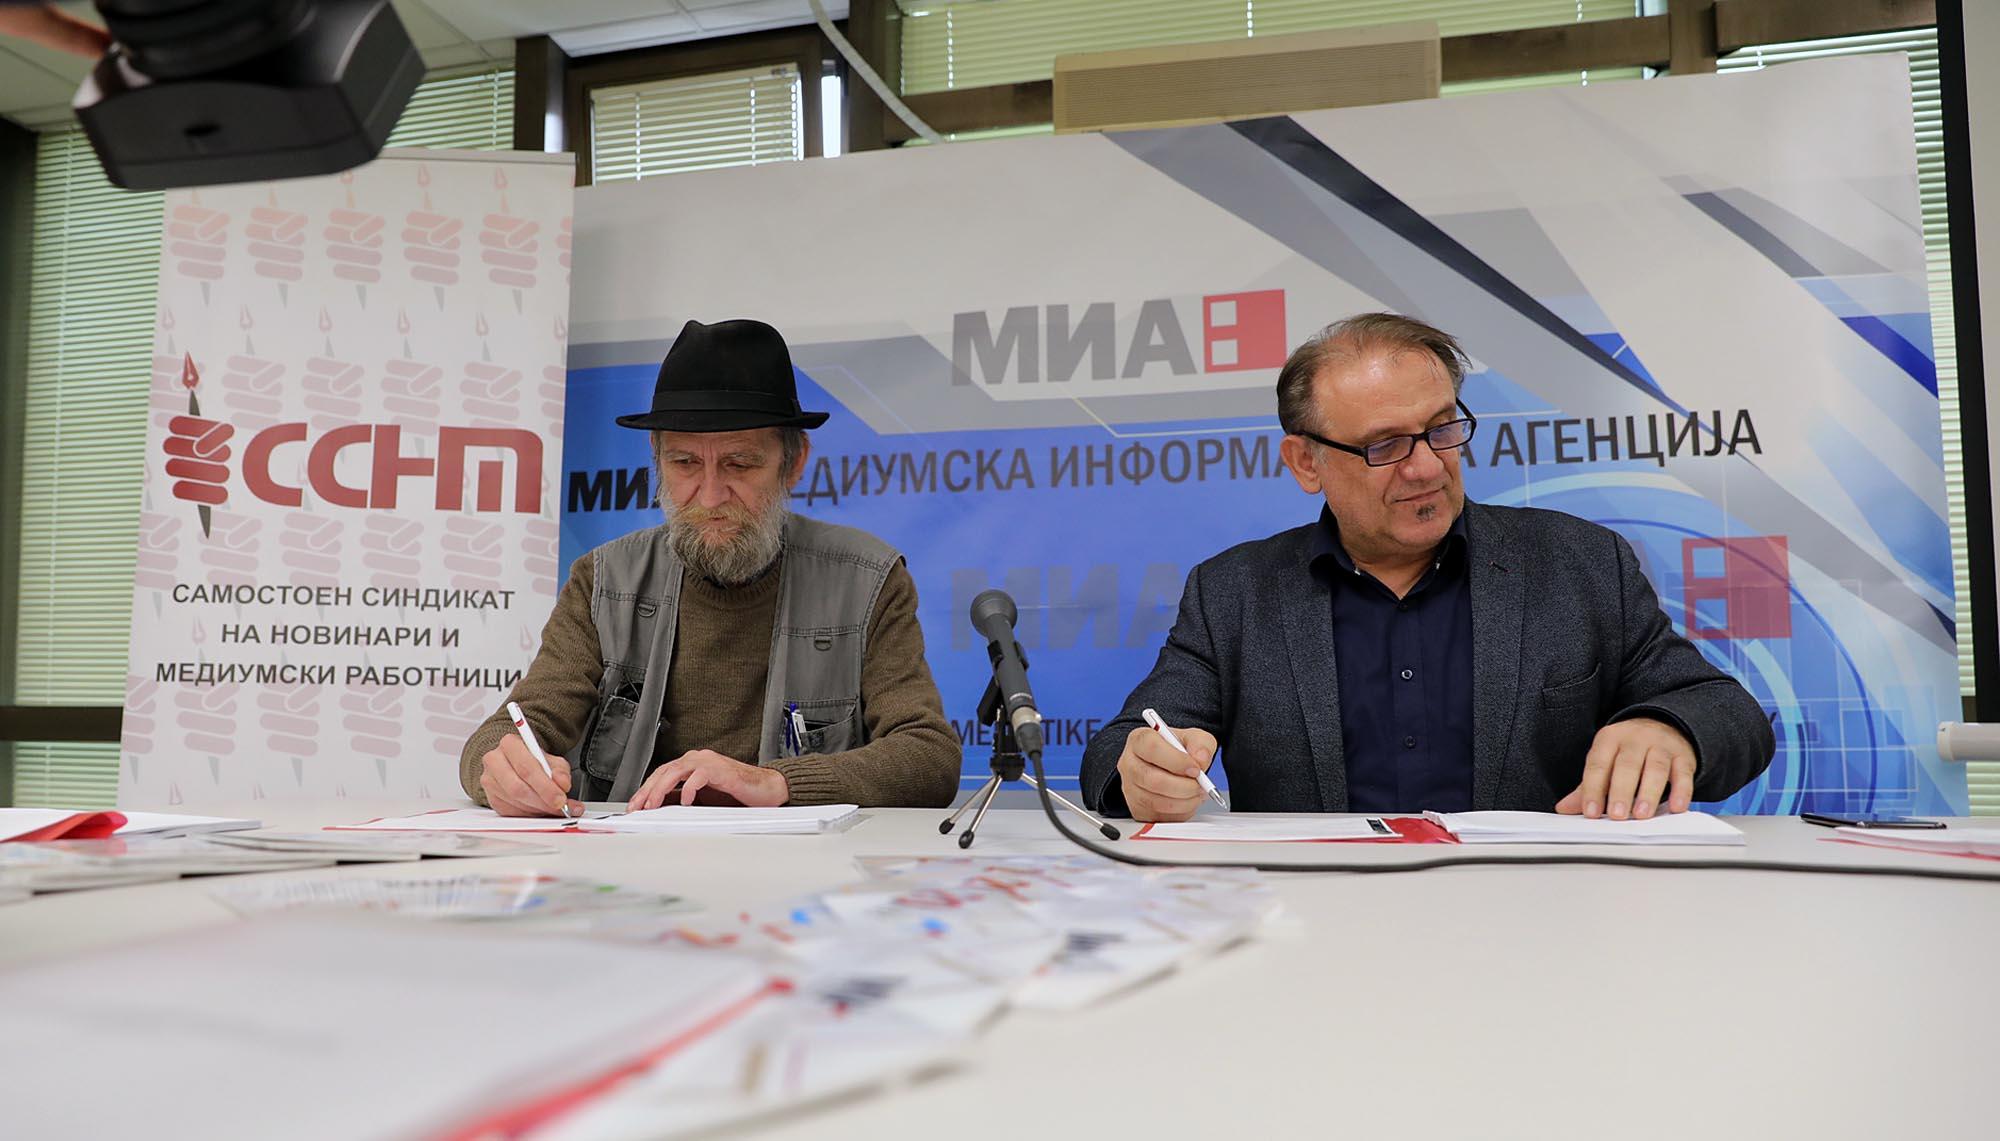 Потпишан првиот колективен договор во медиумите помеѓу ССНМ и МИА